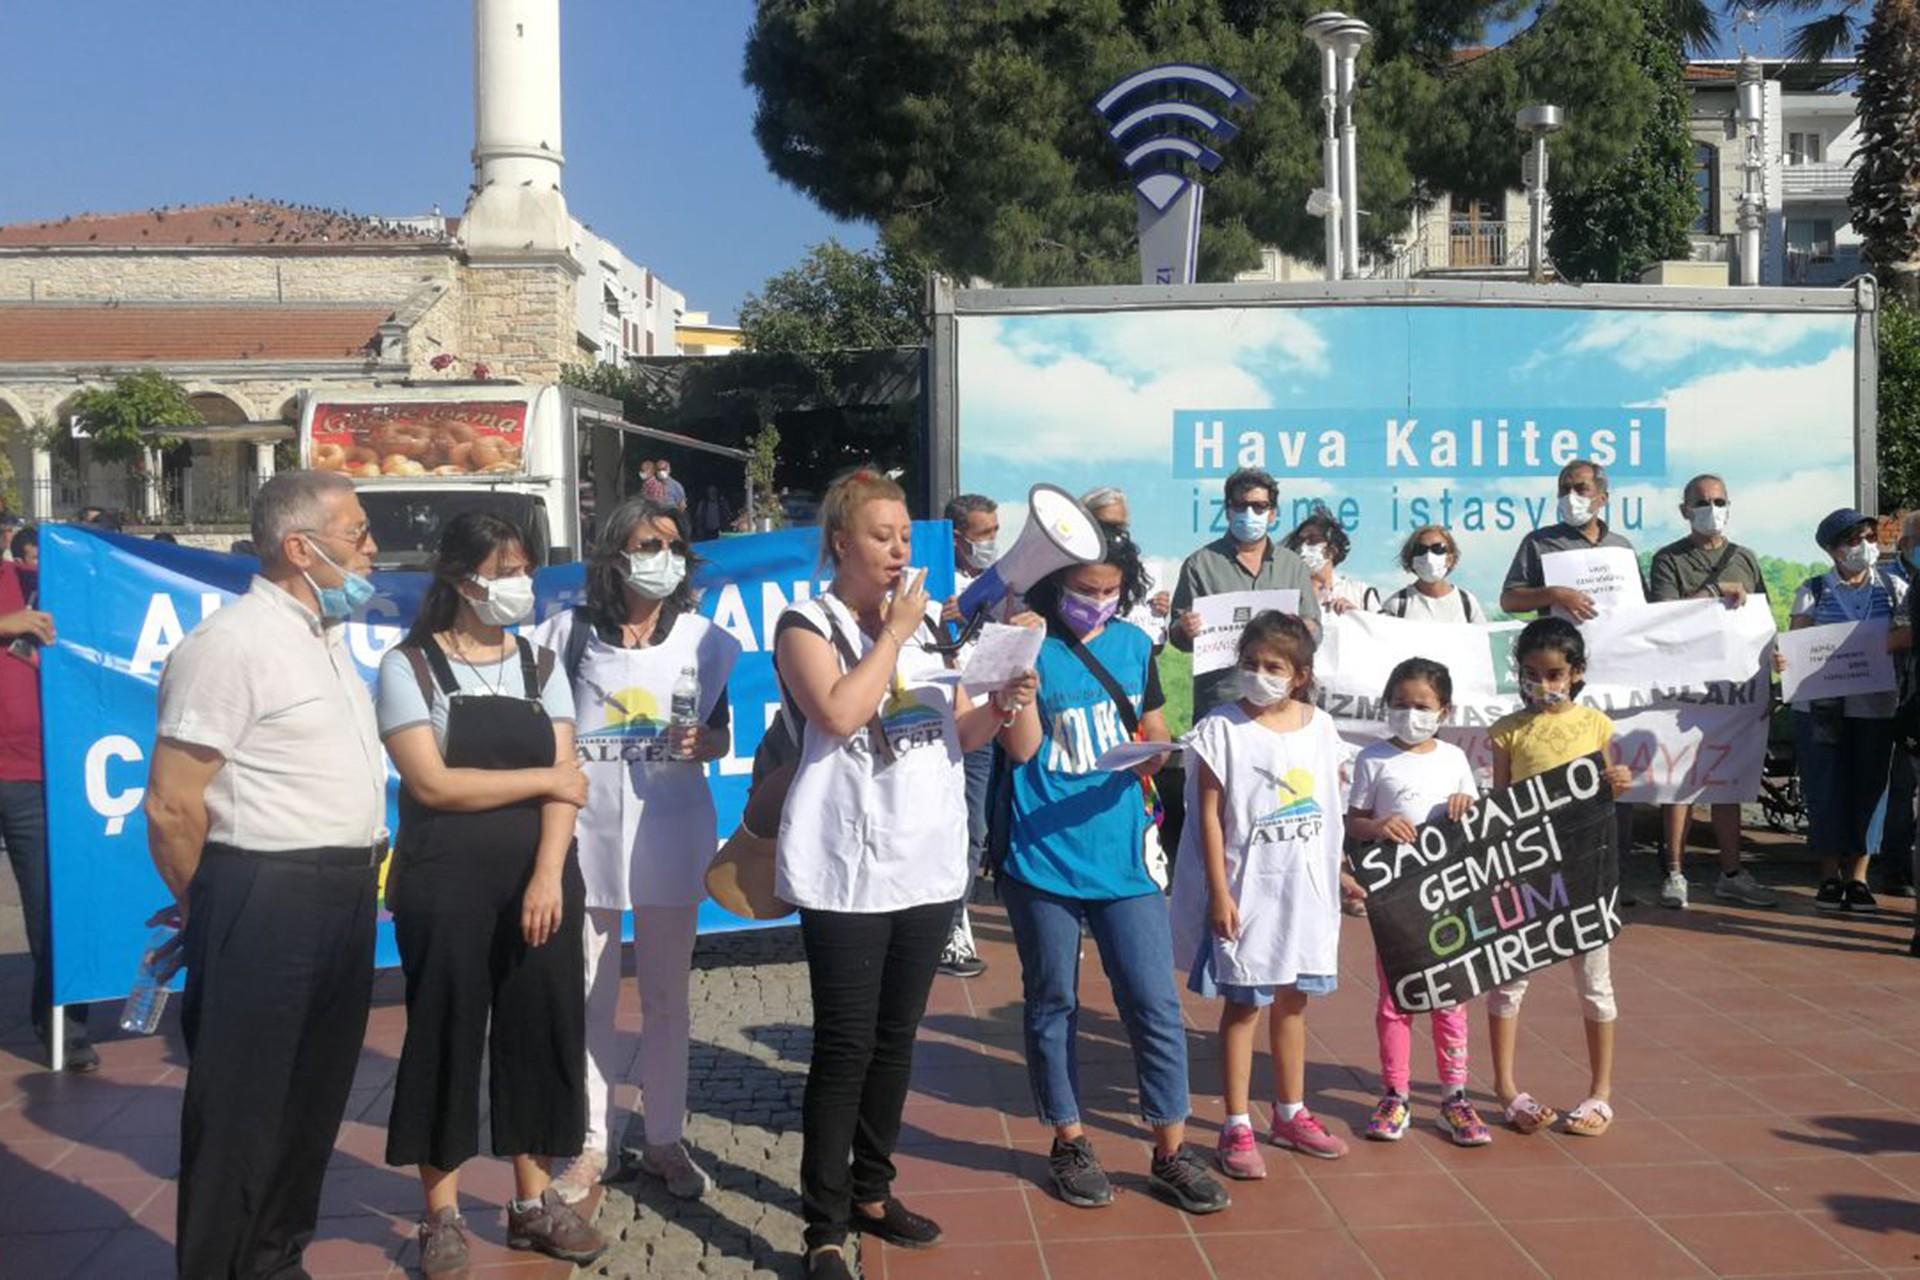 İzmirli Ekolojistler, Aliağa'da bir araya gelerek asbestli gemiyi protesto etti.